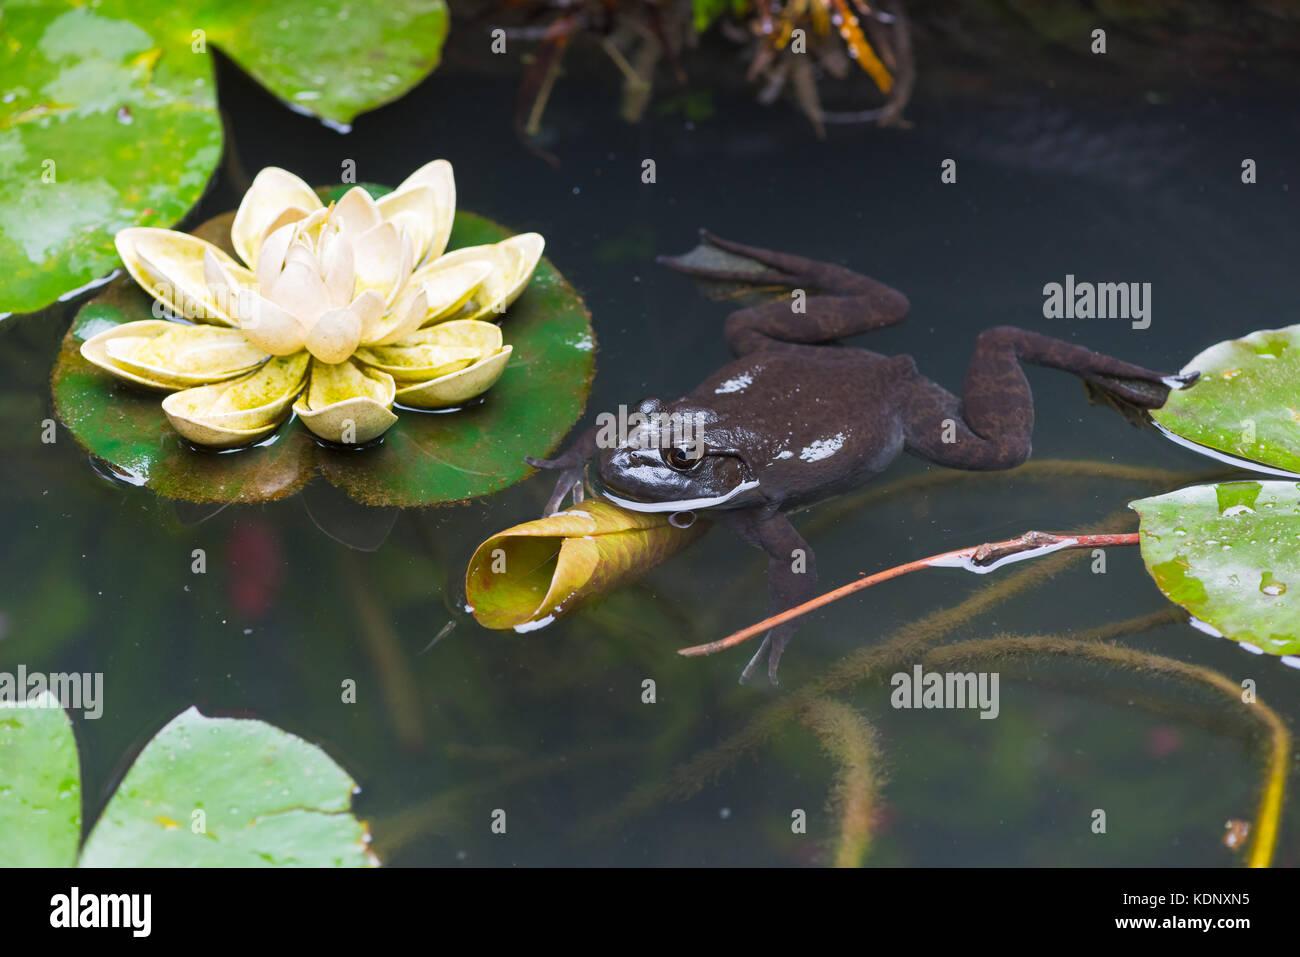 Rana in uno stagno con foglie di lotus Immagini Stock